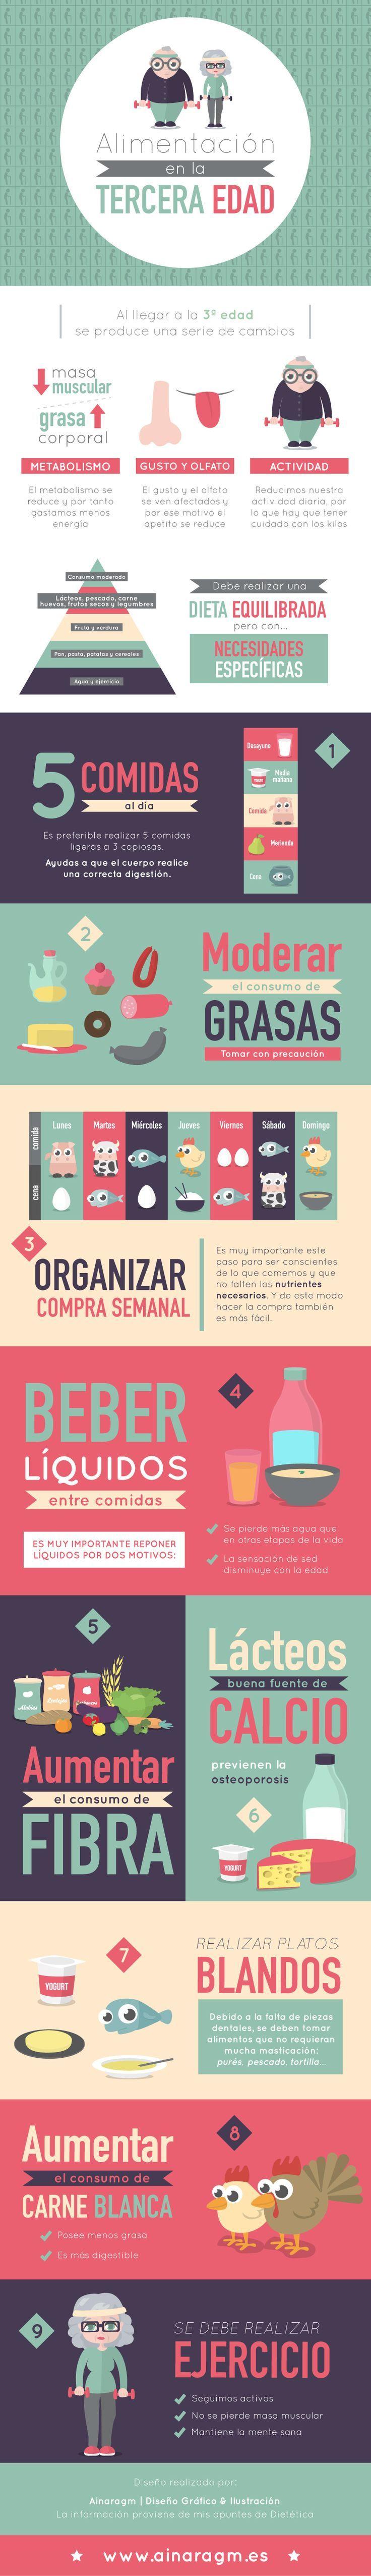 Como tener una buena alimentación en la tercera edad. #infografía #nutrición